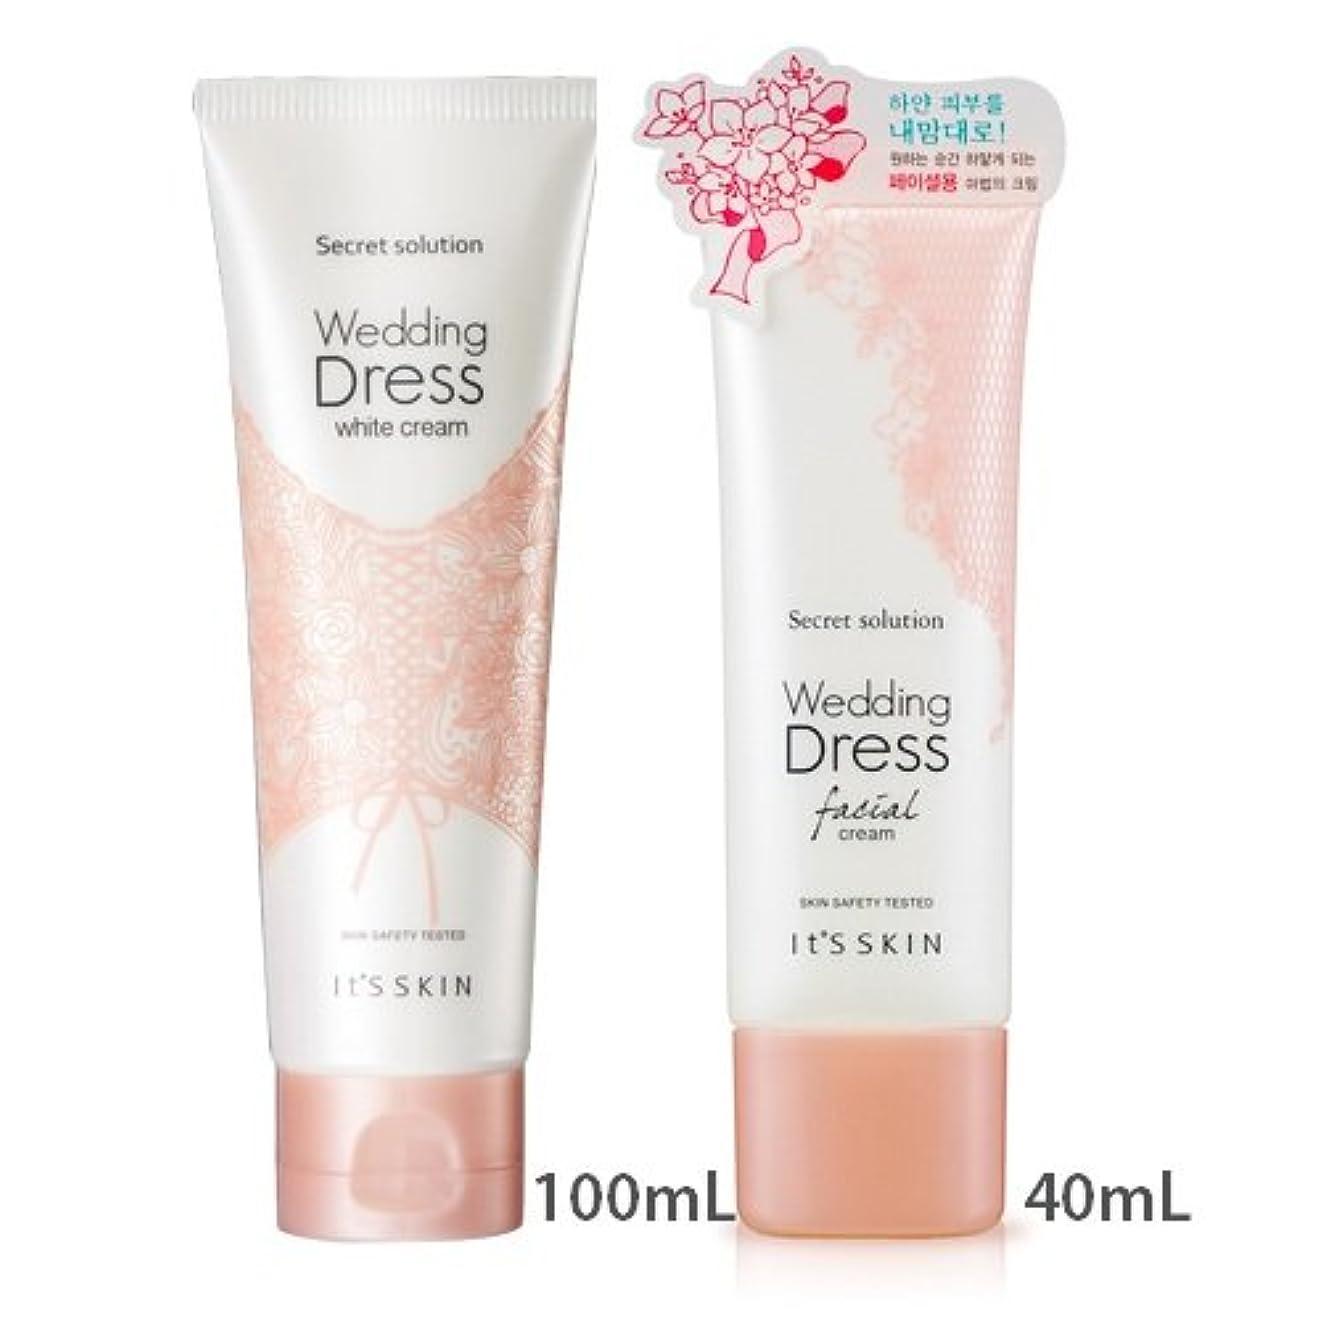 スチュワード織機行方不明[1+1] It's skin Secret Solution Wedding Dress Facial Cream 40mL + Secret Solution Wedding Dress Cream 100mL イッツスキン...